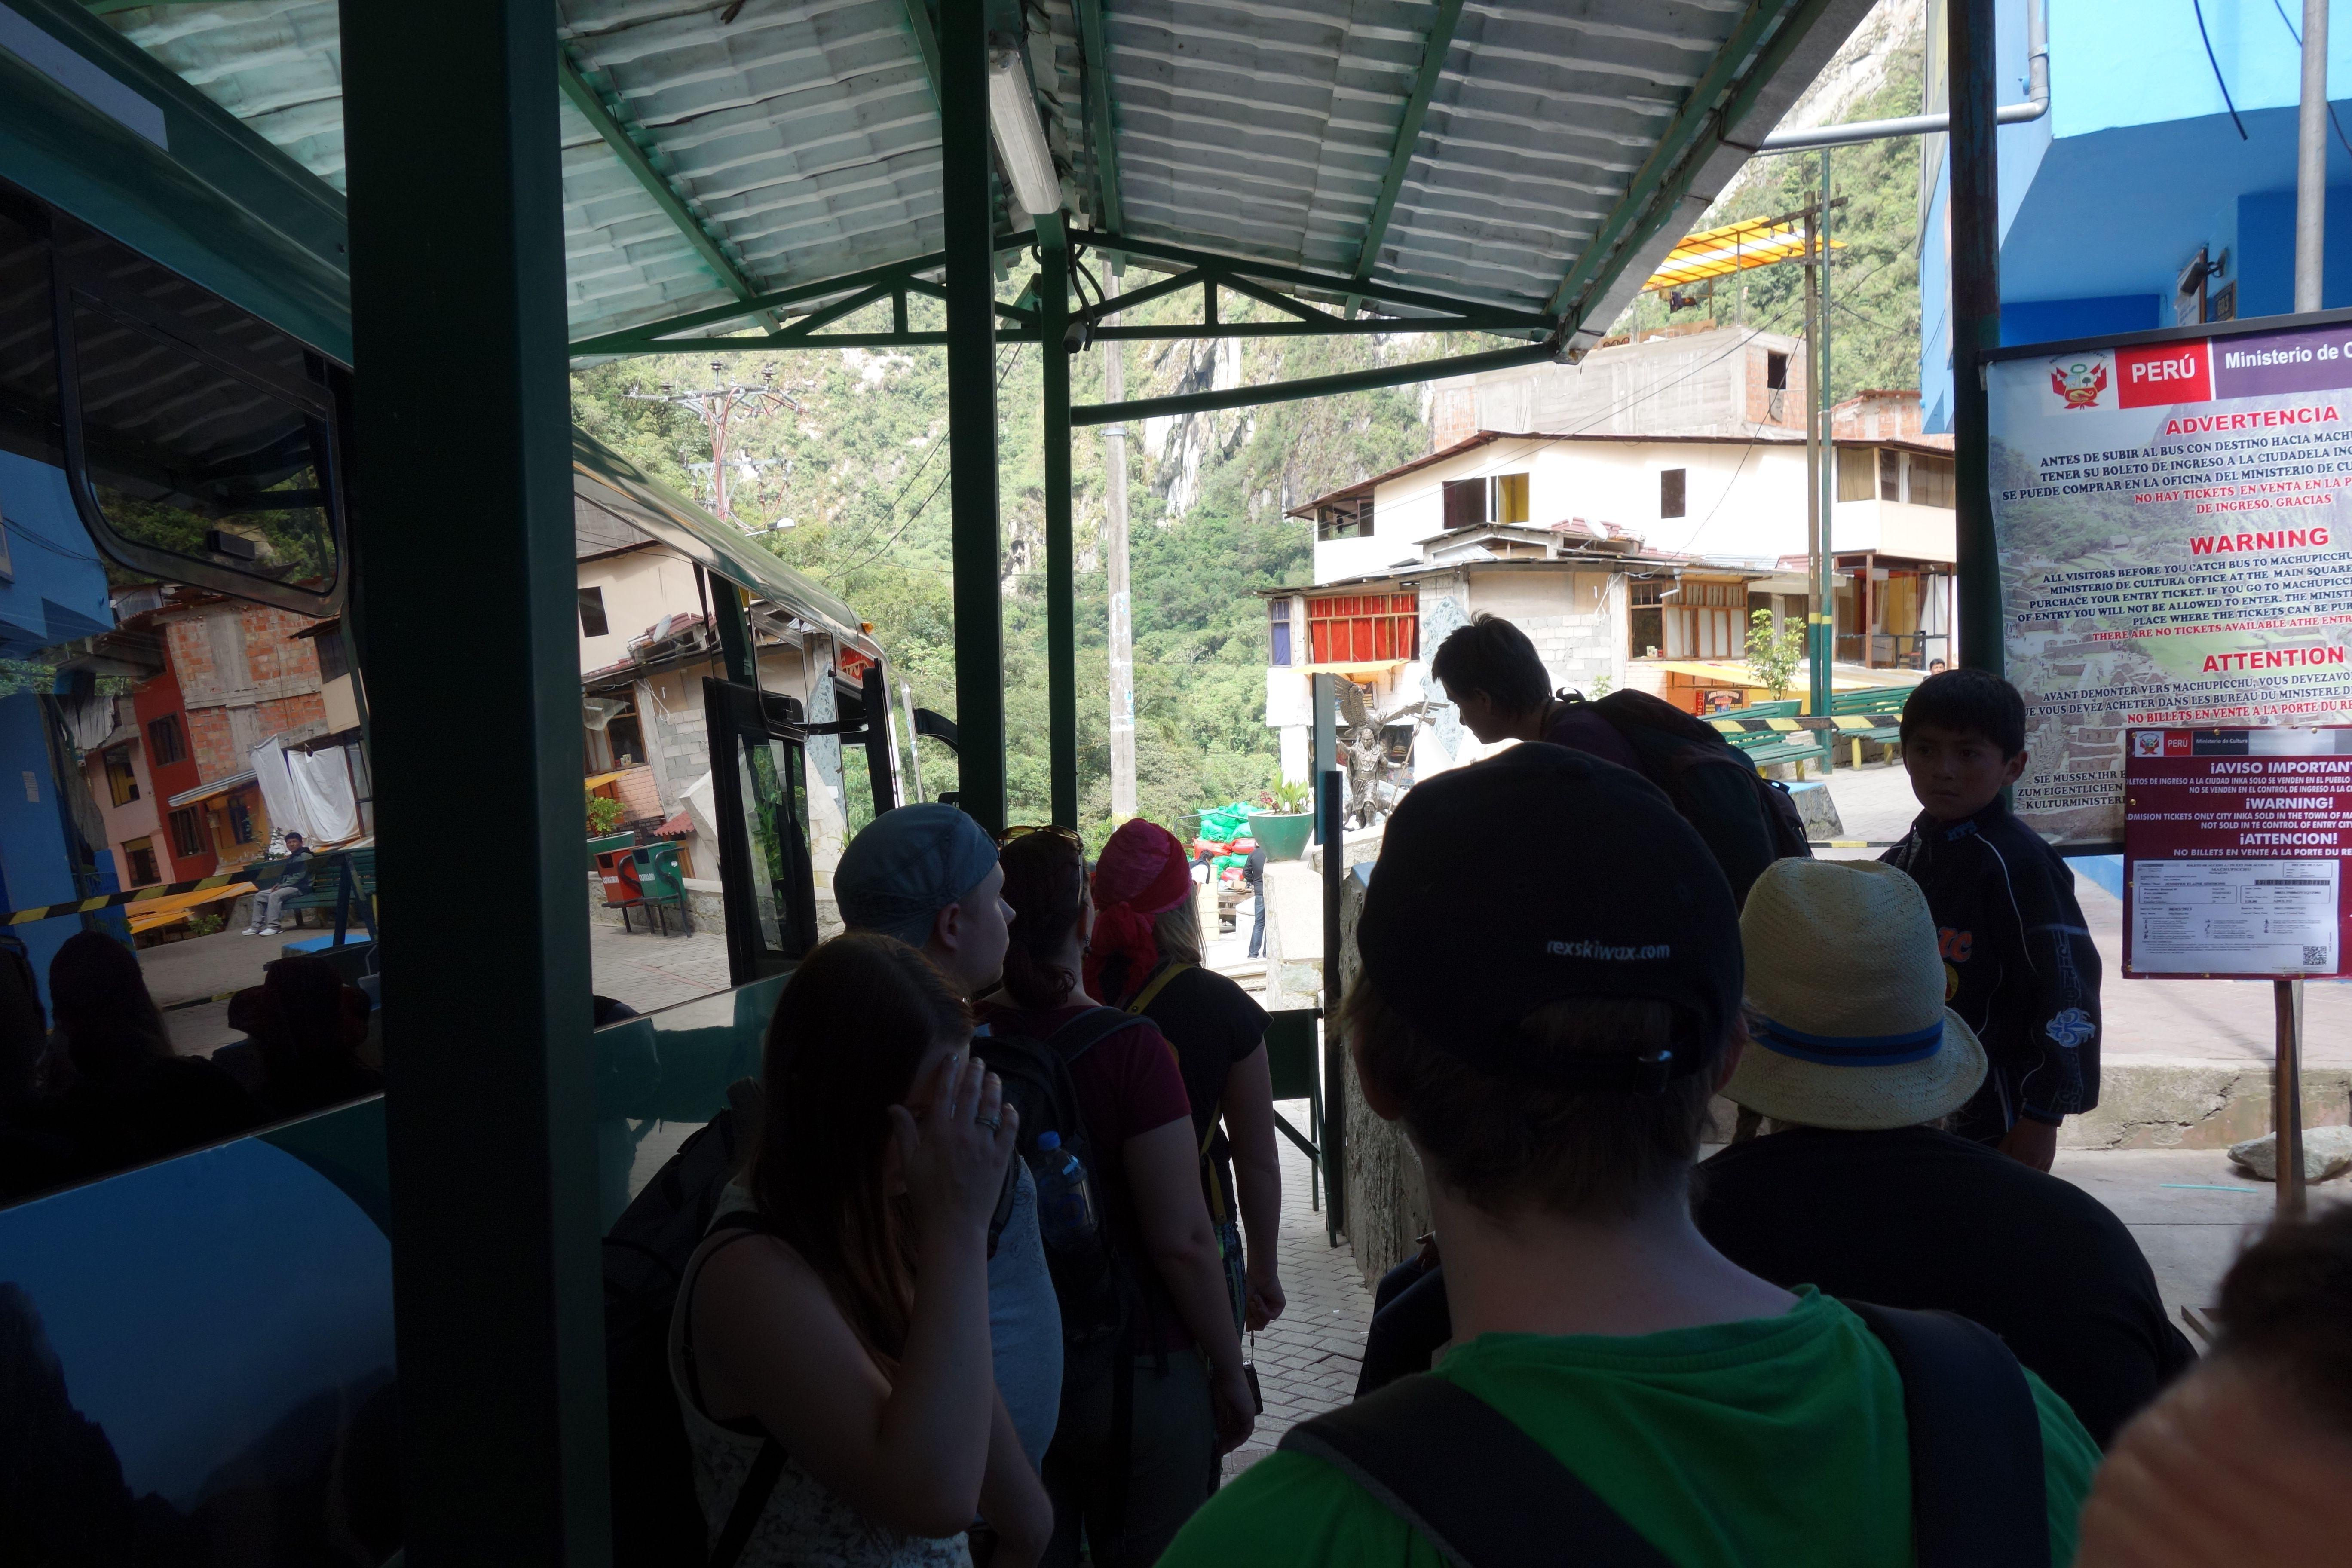 Aquas Calientes. Asemalla bussin odottelua. Bussimatkoille piti olla erikseen liput, eivät siis sisältyneet Machu Picchun sisäänpääsylippuun.